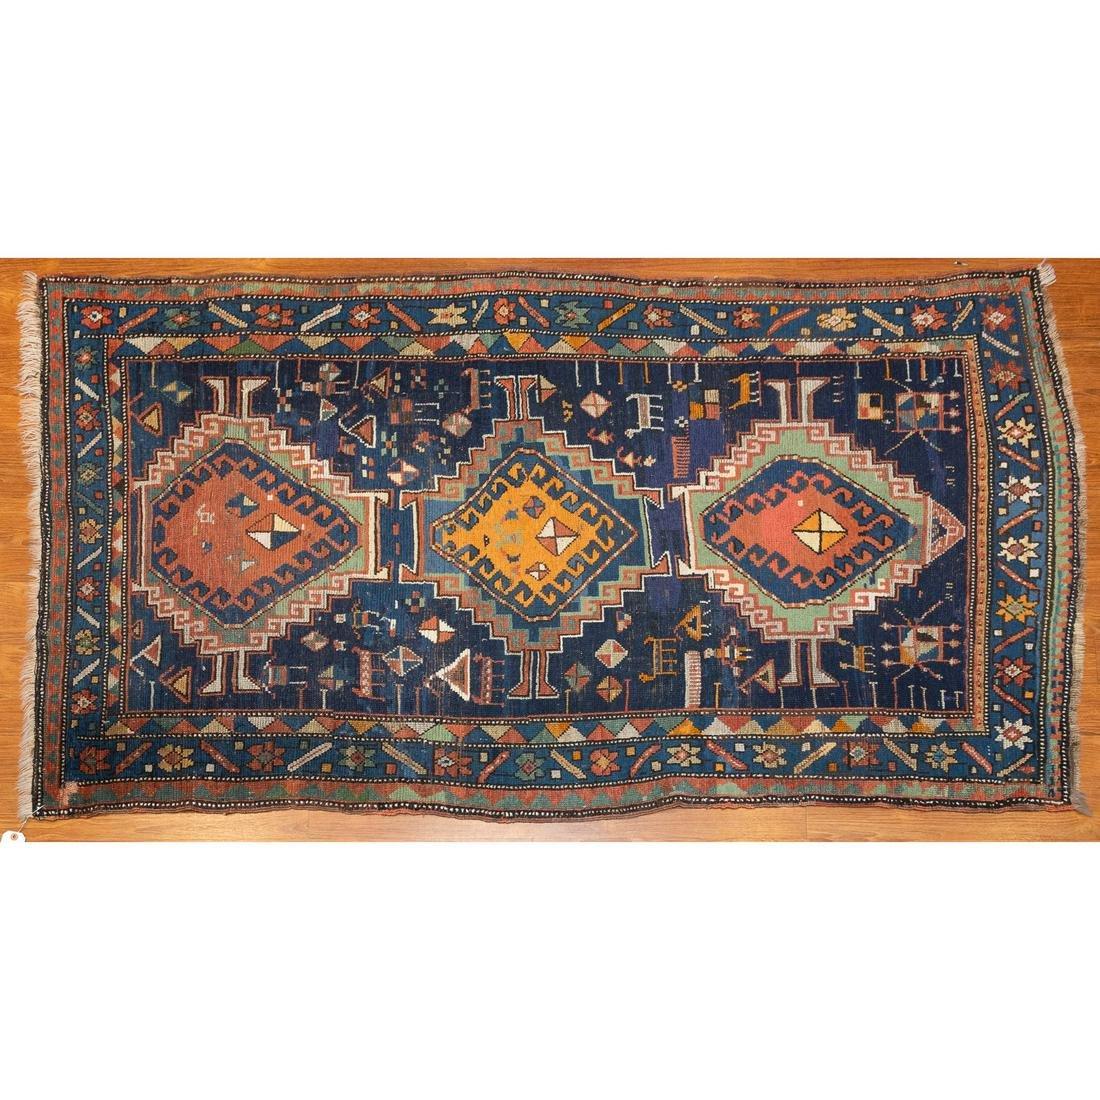 Antique Kazak Rug, Persia, 2.9 x 6.5